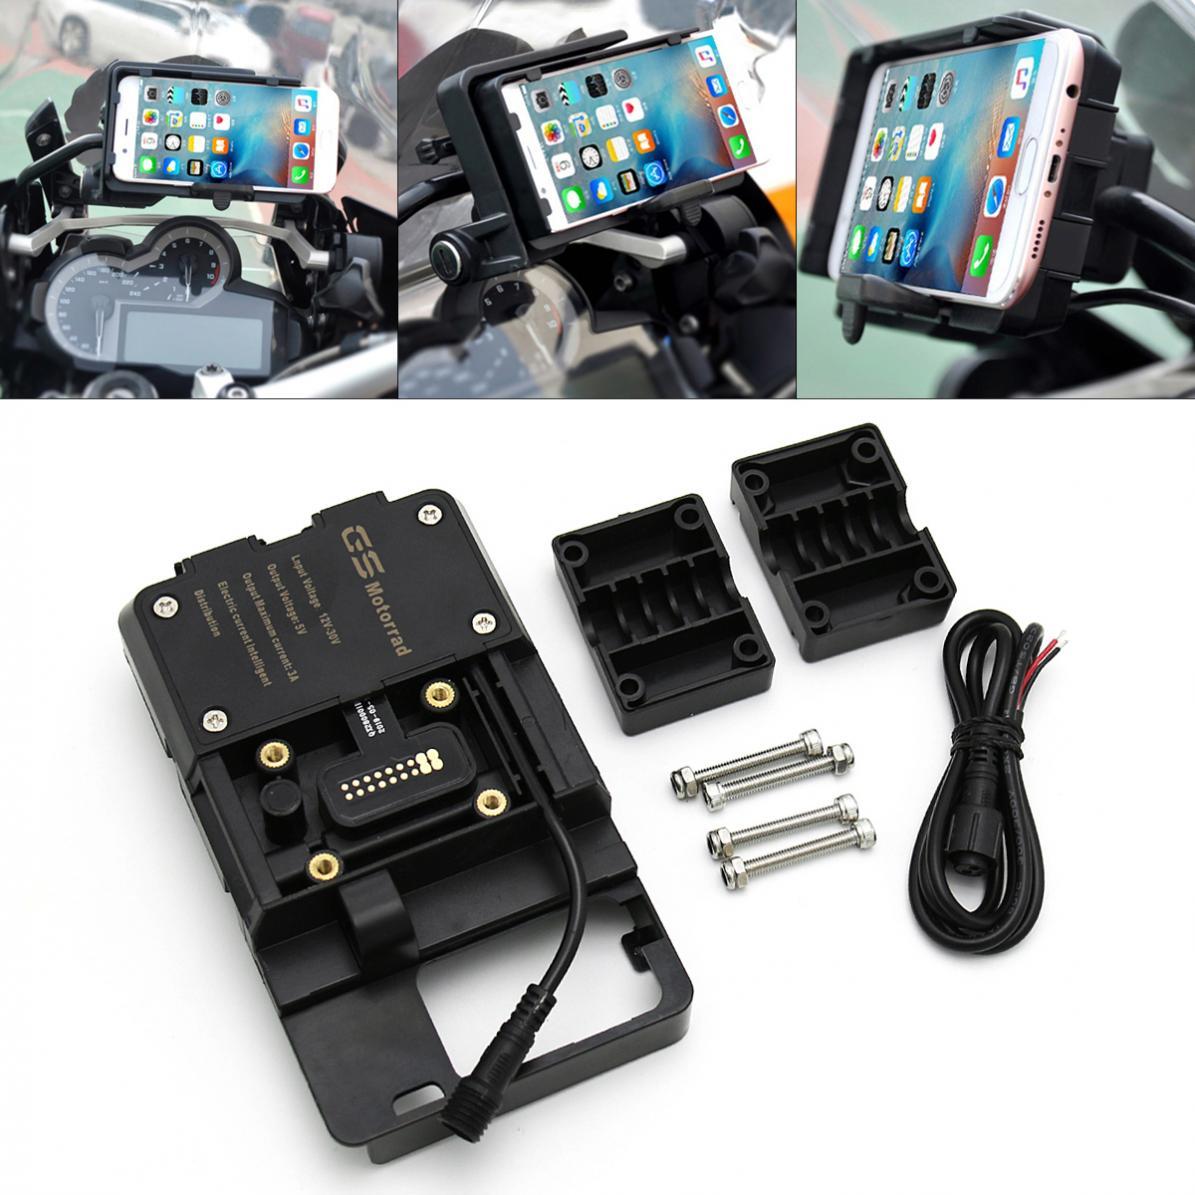 حامل شحن USB عالمي للدراجات النارية ، ملحق ملاحة مقاوم للماء قابل للتعديل ، متوافق مع BMW R1200GS